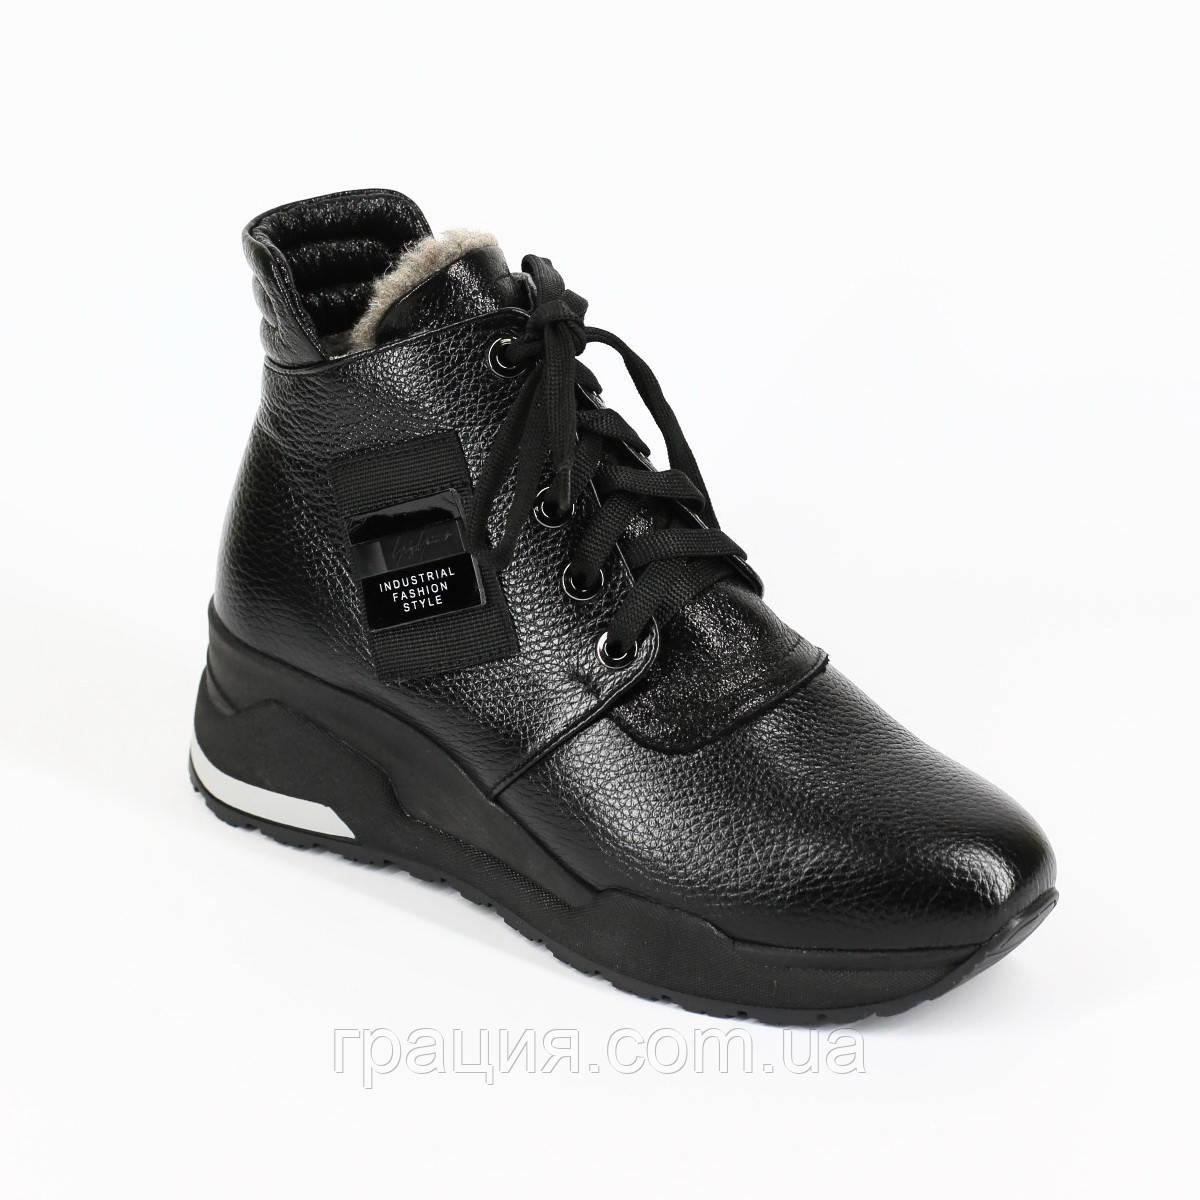 Стильні молодіжні зимові шкіряні кросівки